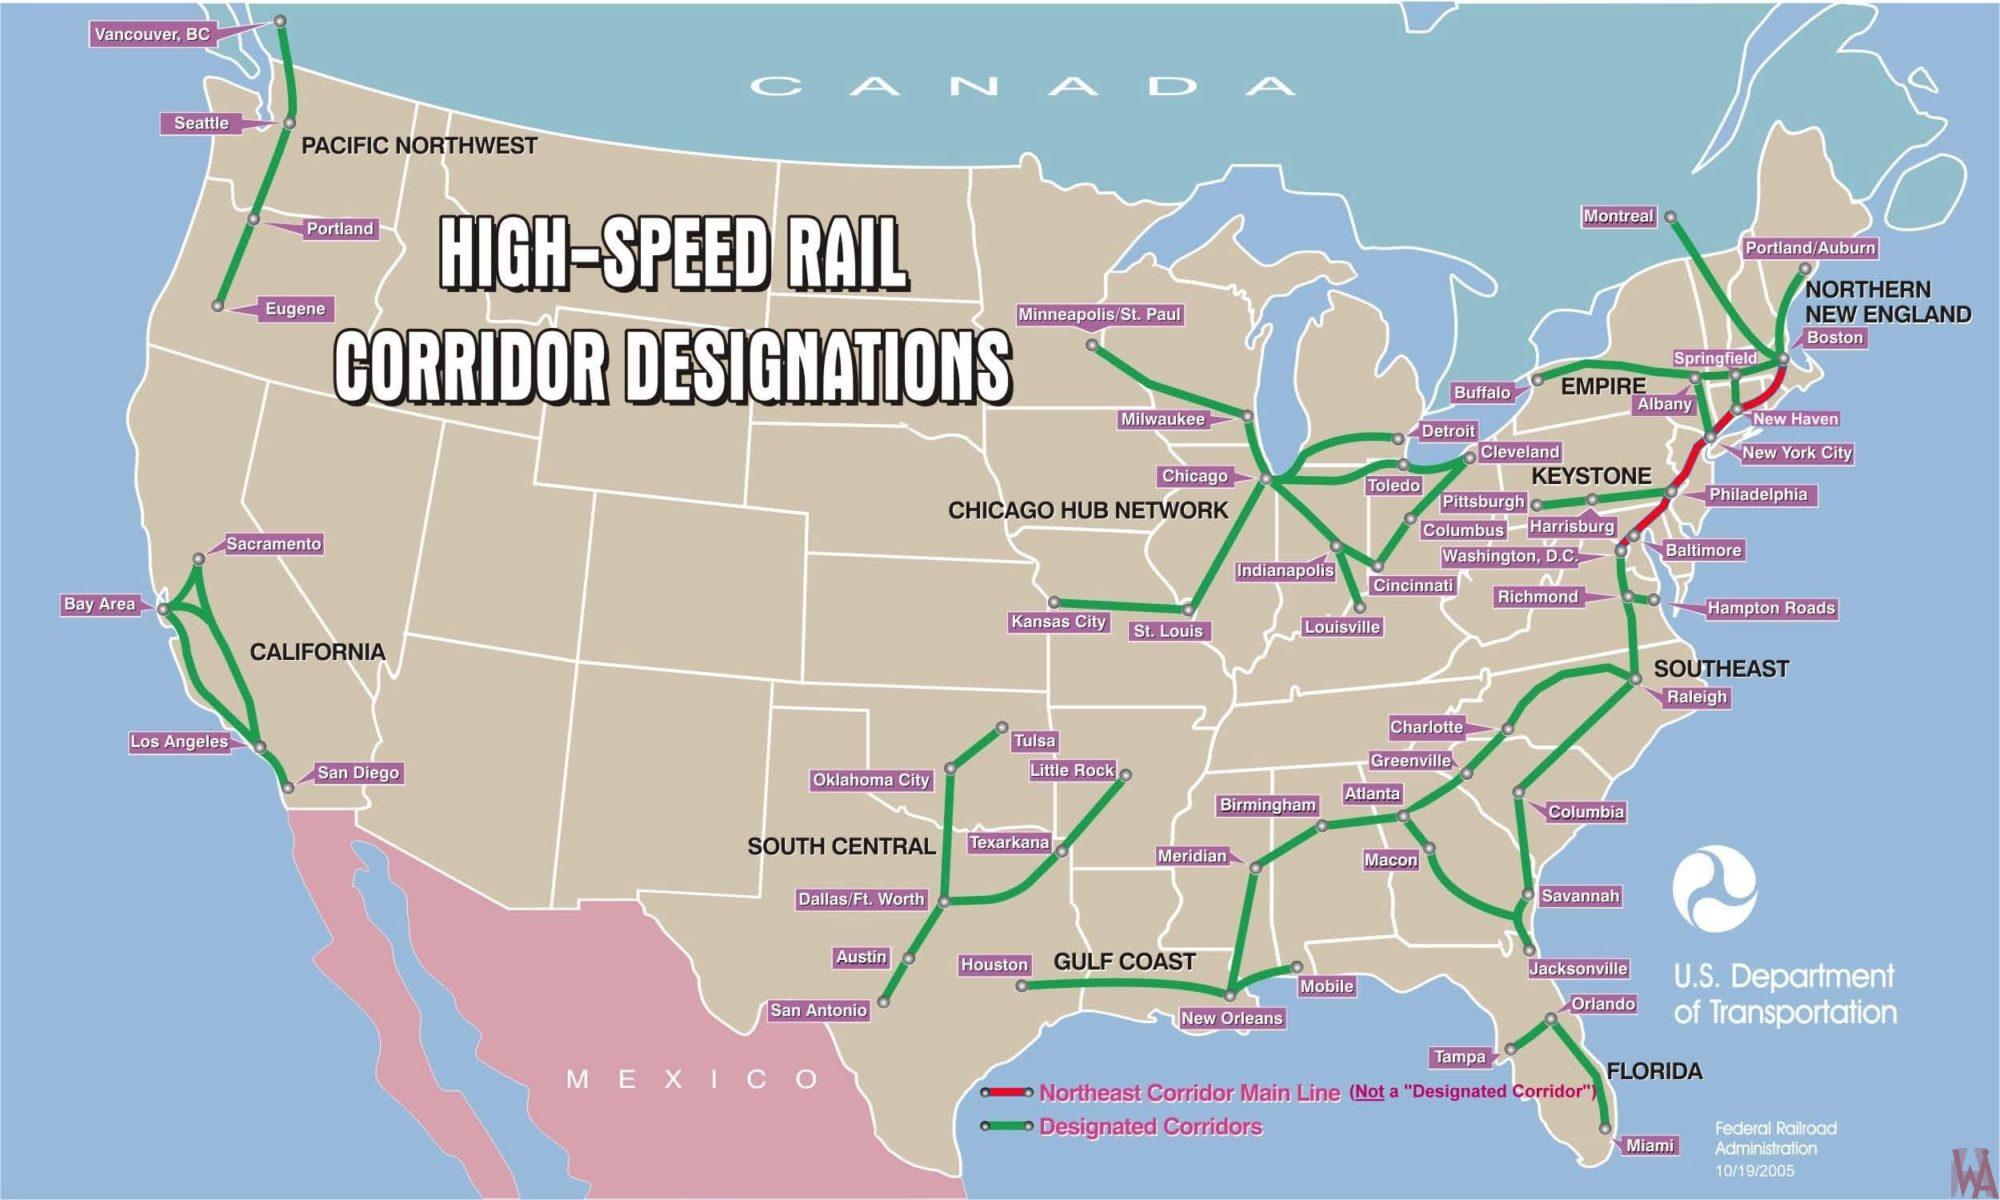 USA high-speed rail corridor